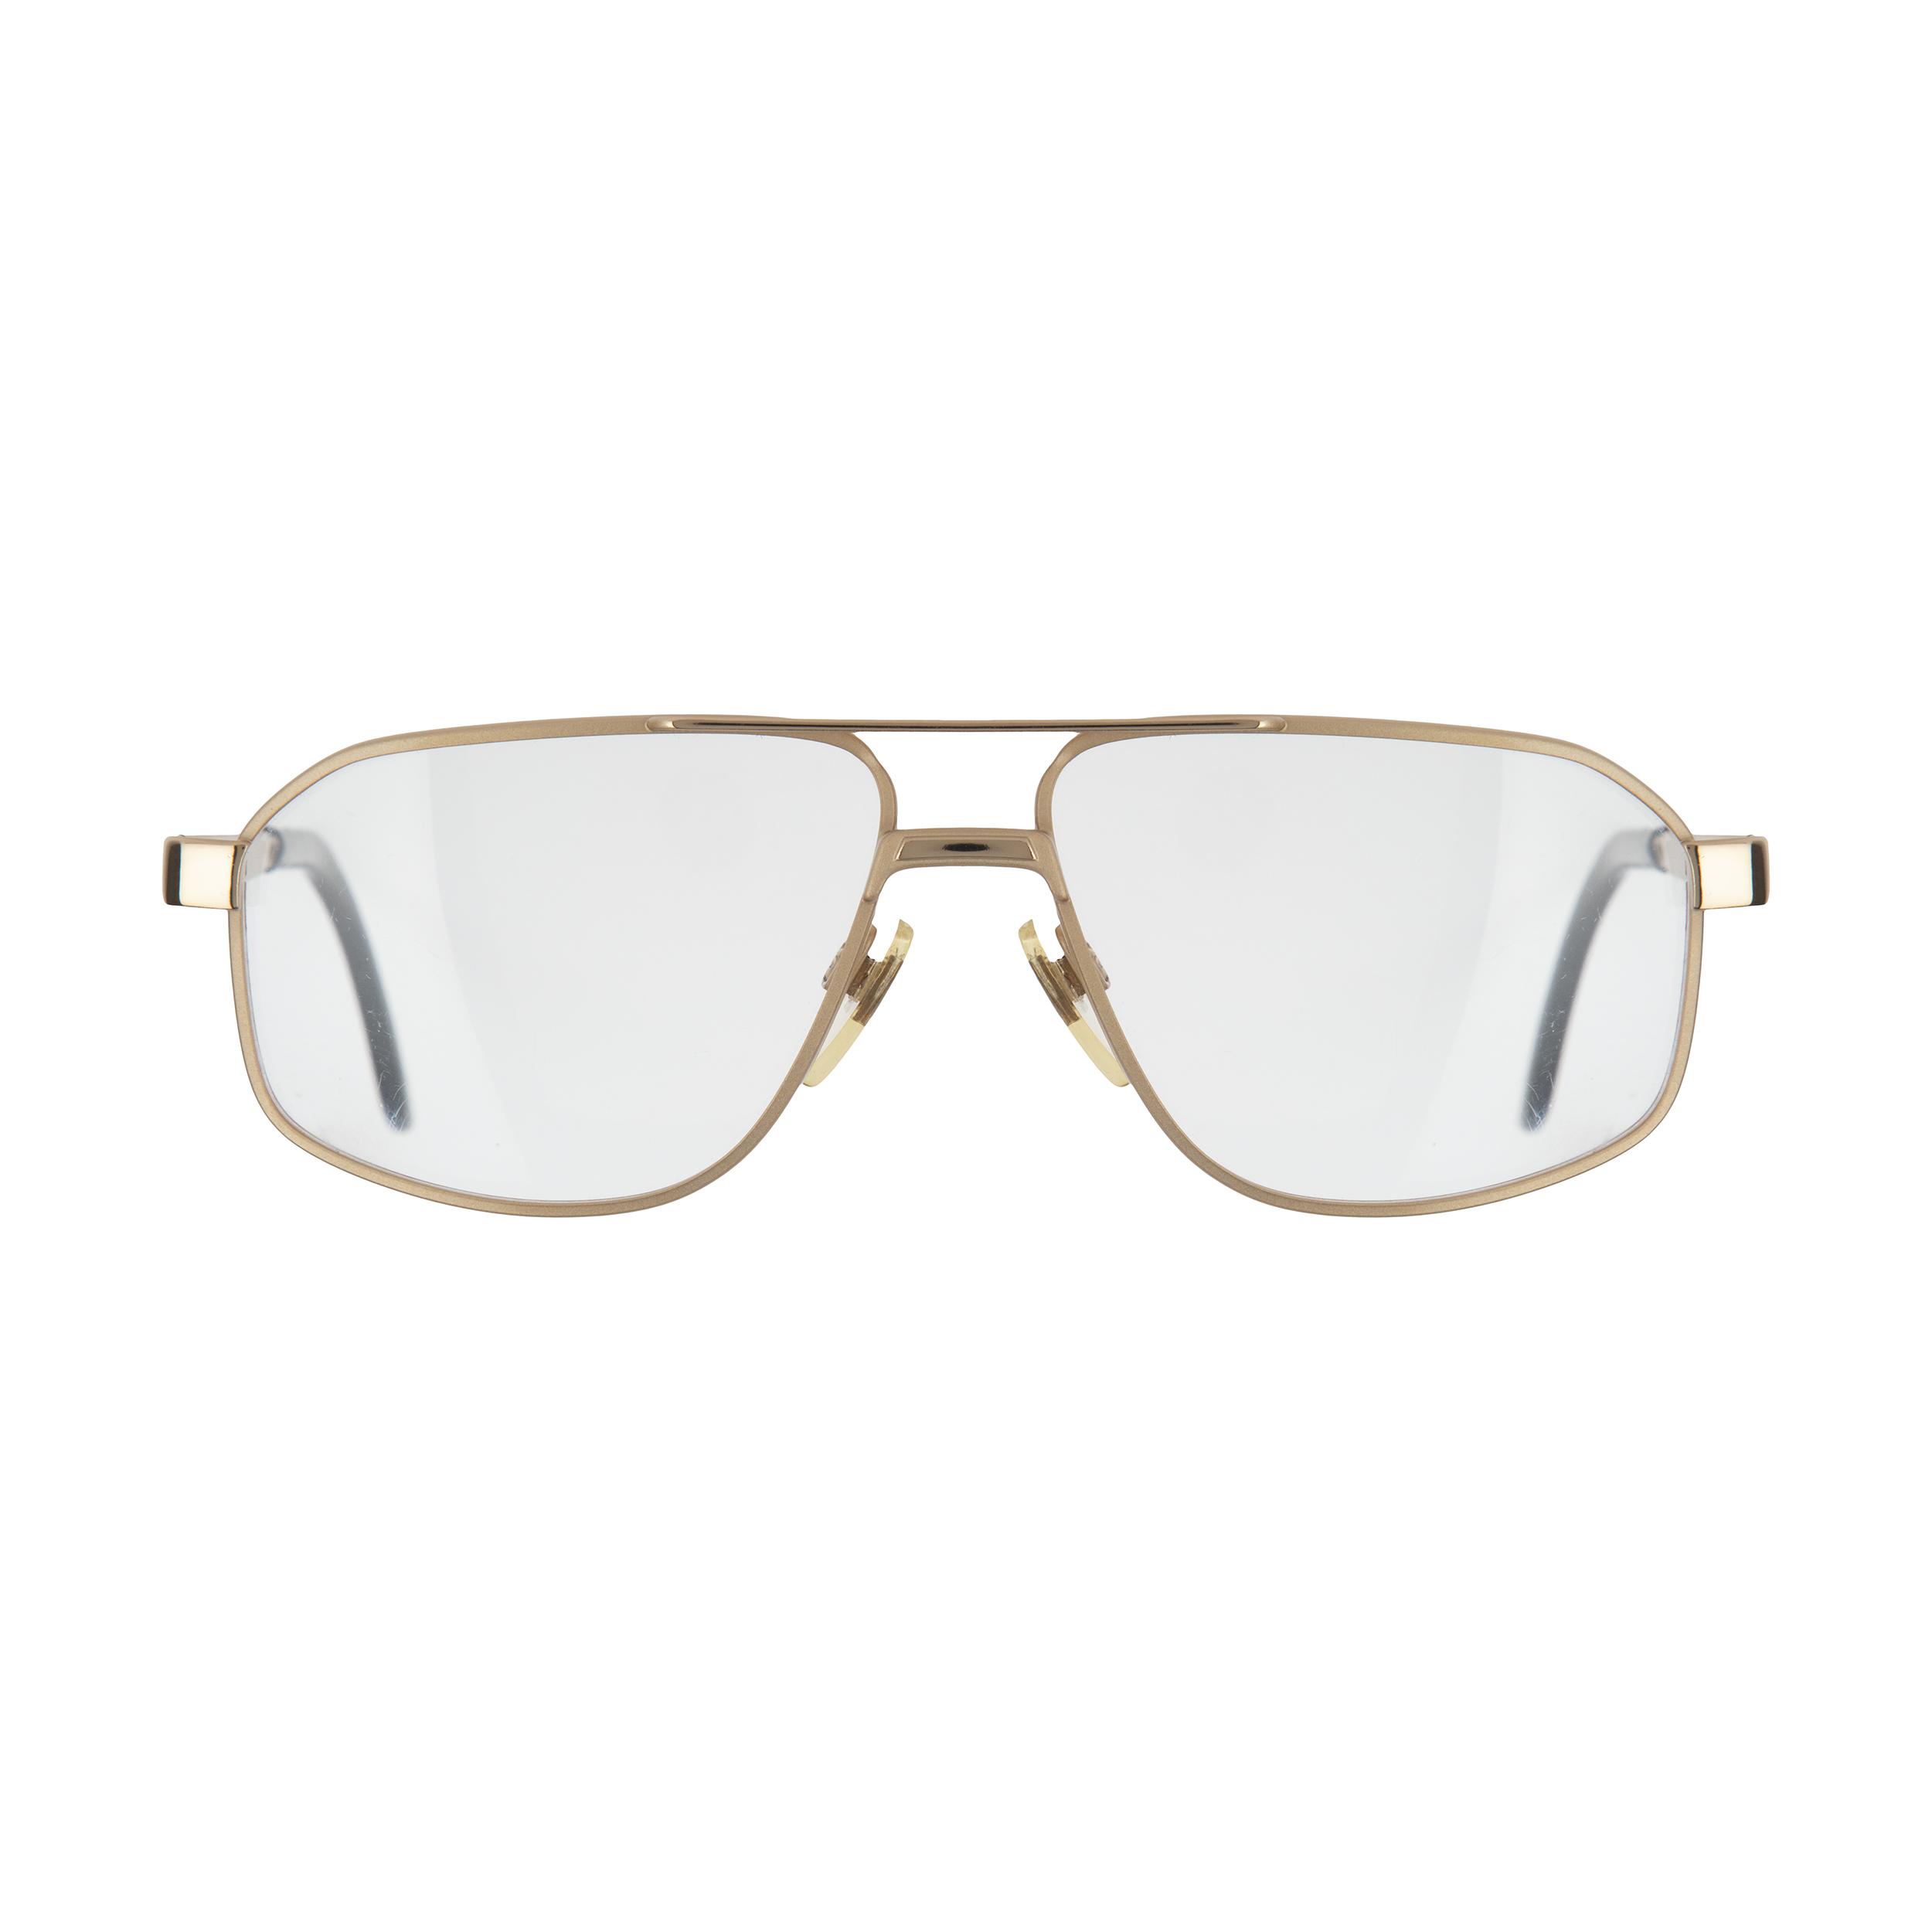 فریم عینک طبی مردانه مدل 1013-YG